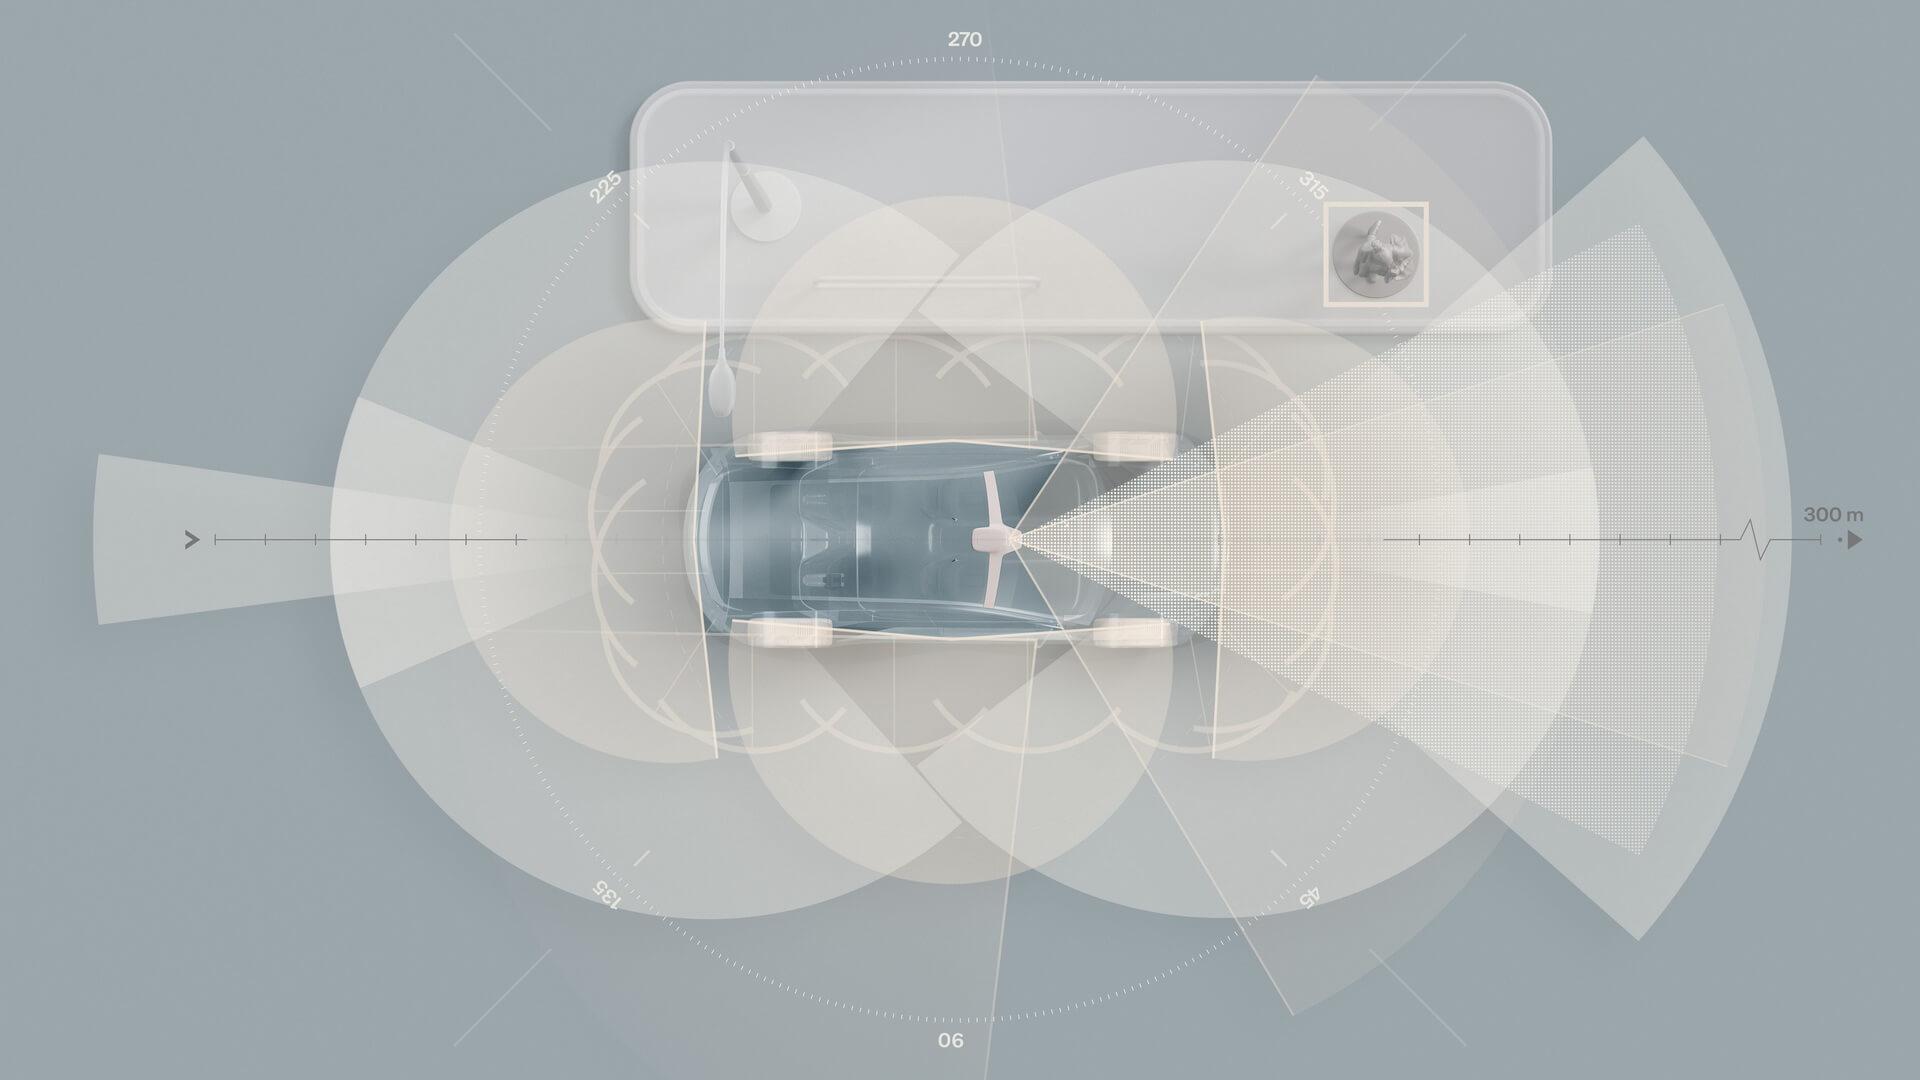 Полностью электрический Volvo XC90 в стандартной комплектации будет оснащен технологией LiDAR и суперкомпьютером с искусственным интеллектом